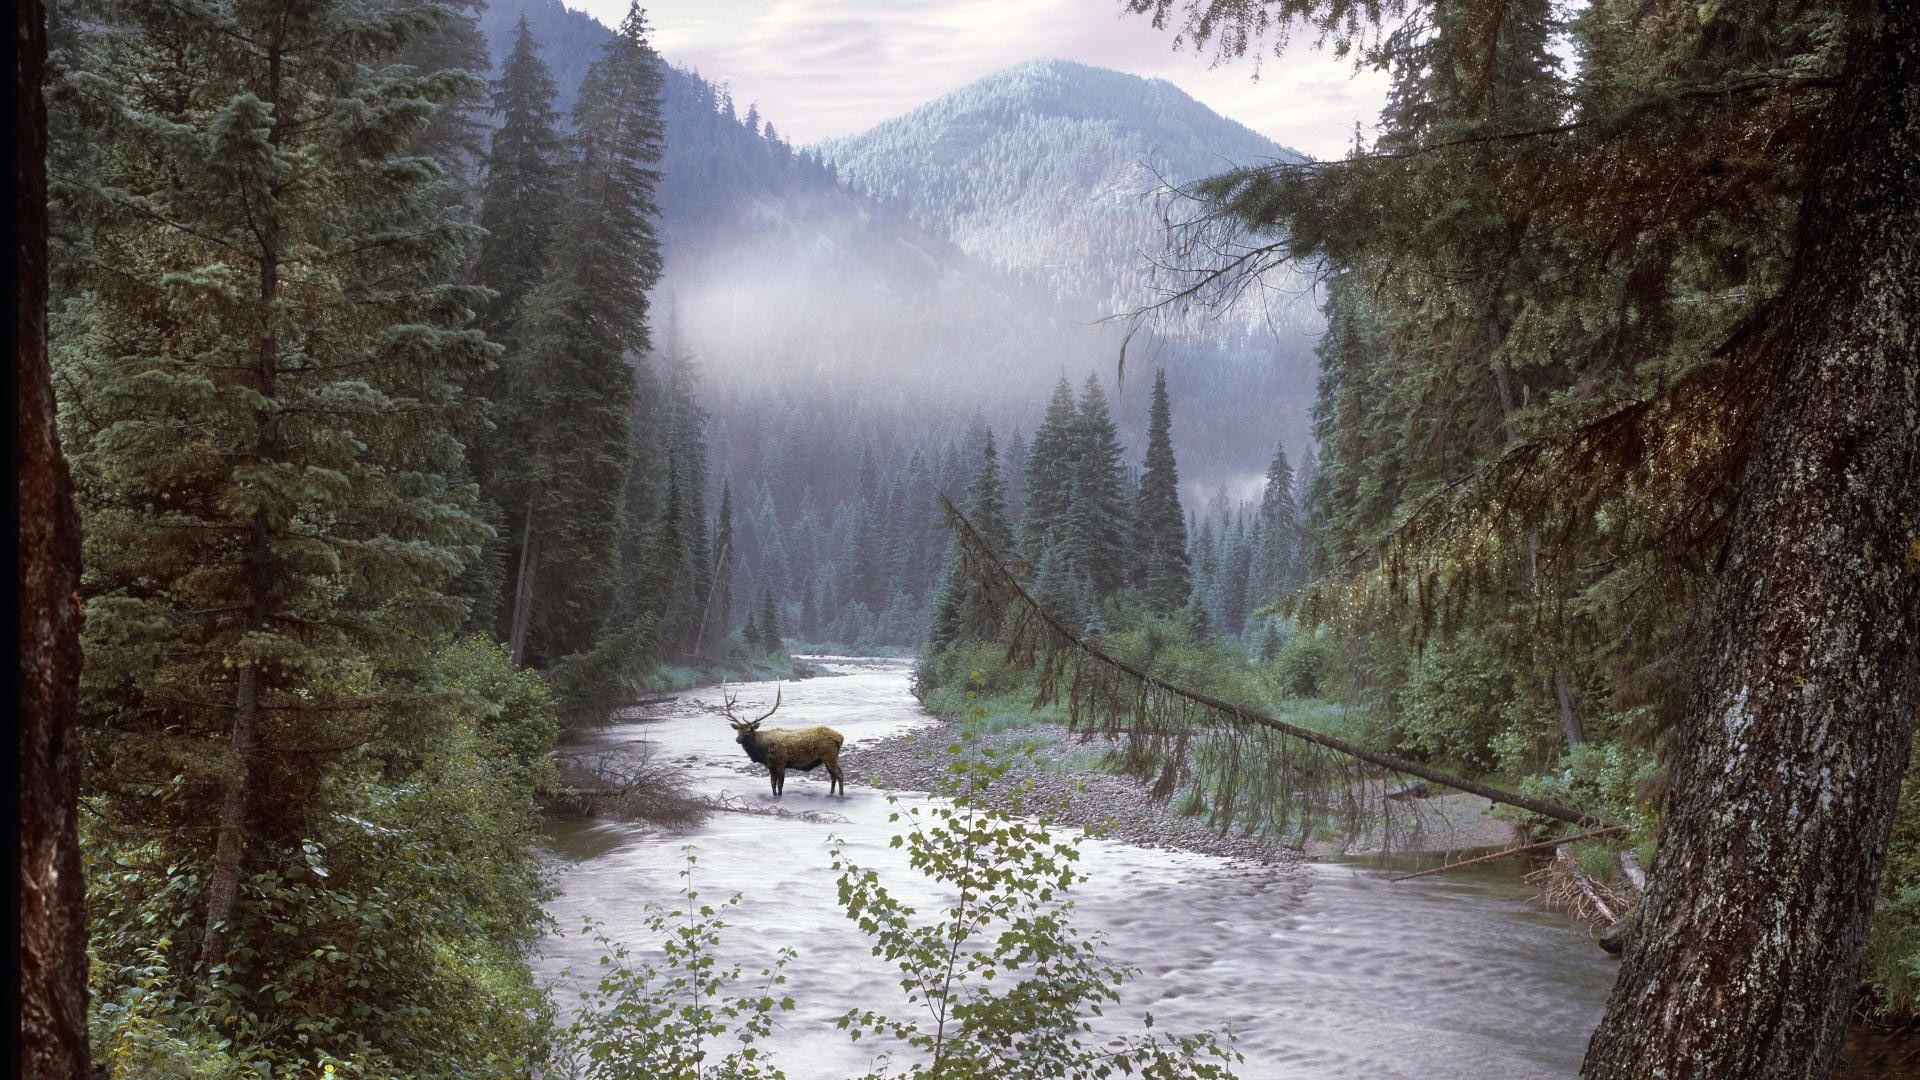 Wilderness Desktop Wallpapers Top Free Wilderness Desktop